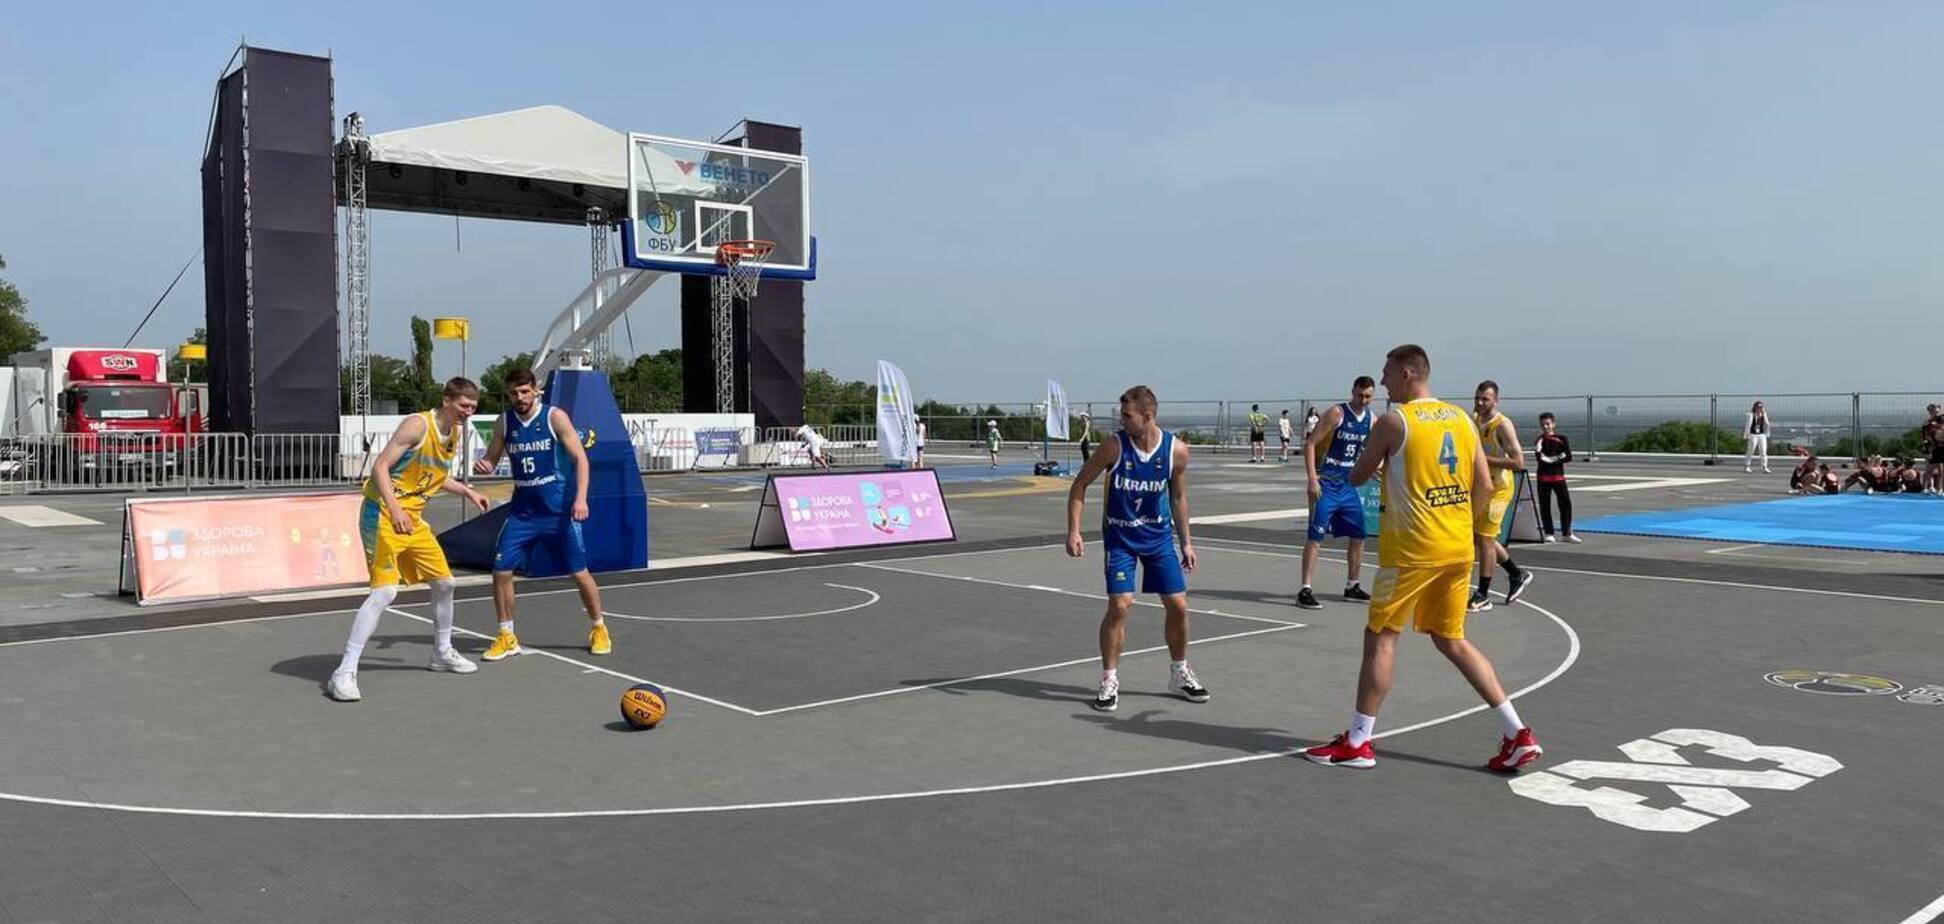 Україна у відборі на Євробаскет 3х3: розклад матчів